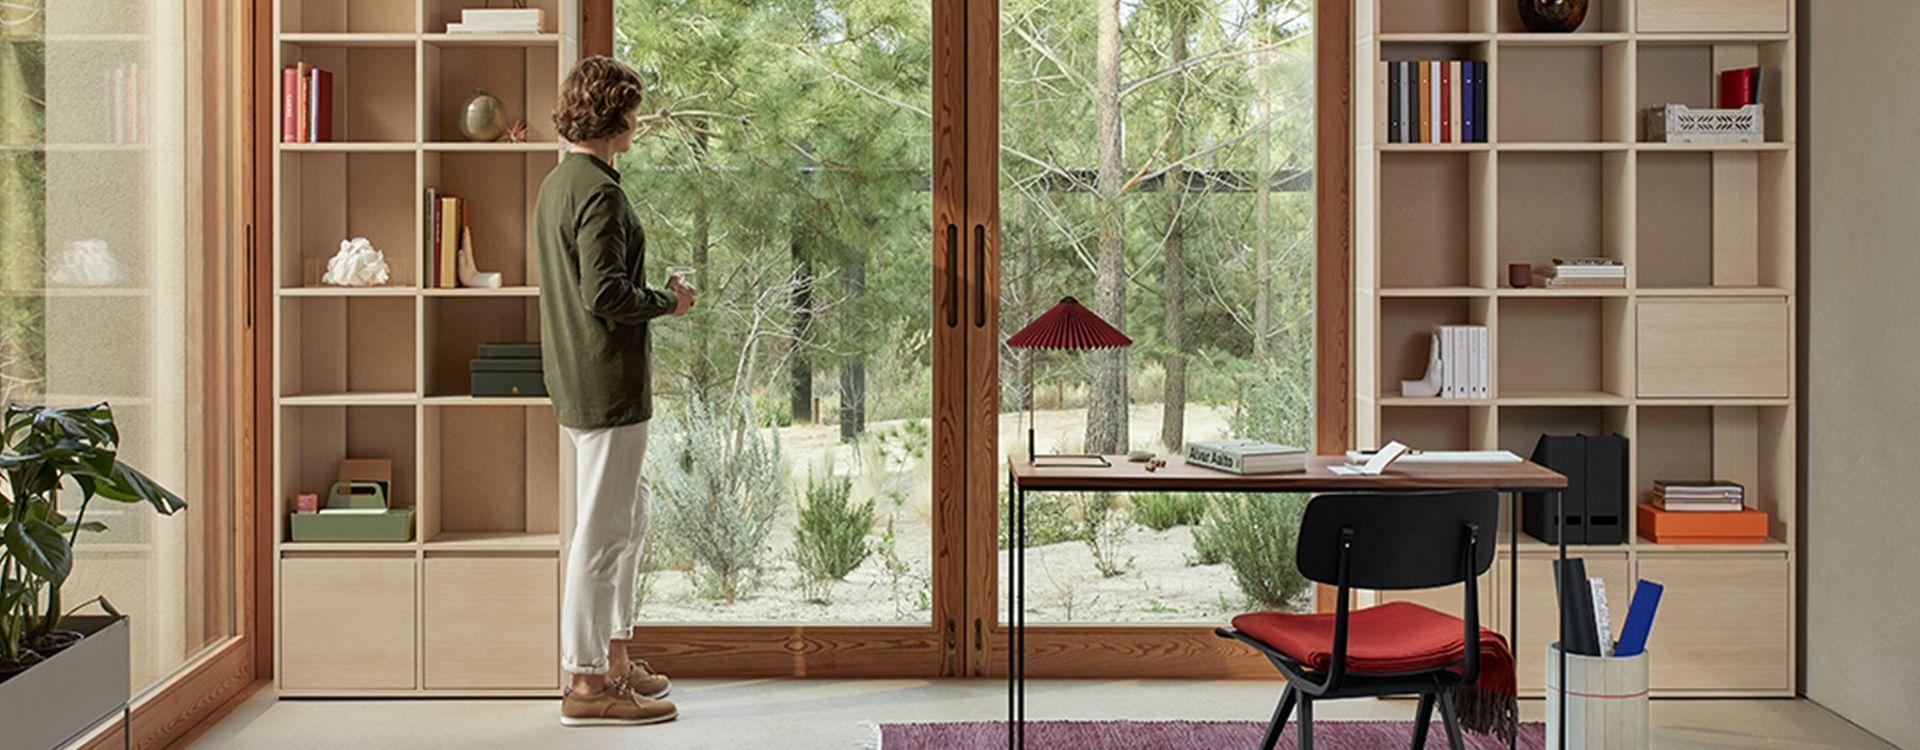 Scandinavian interior with Type01 Veneer bookcase